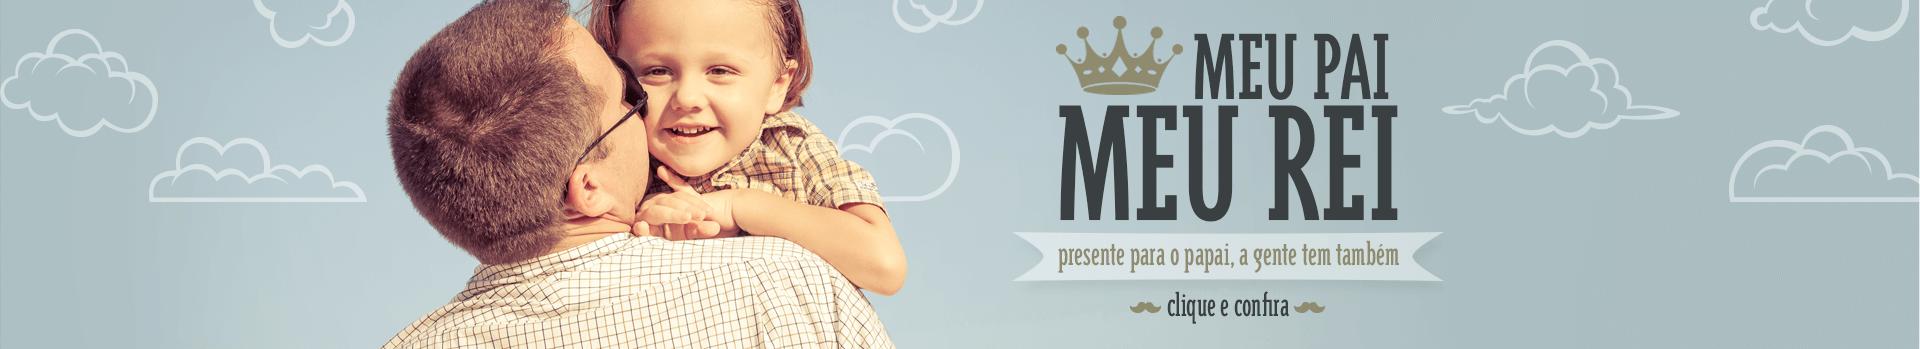 Meu Pai, Meu Rei. Presente para o Papai, a gente tem também | Loja Buettner | Clique e Confira!